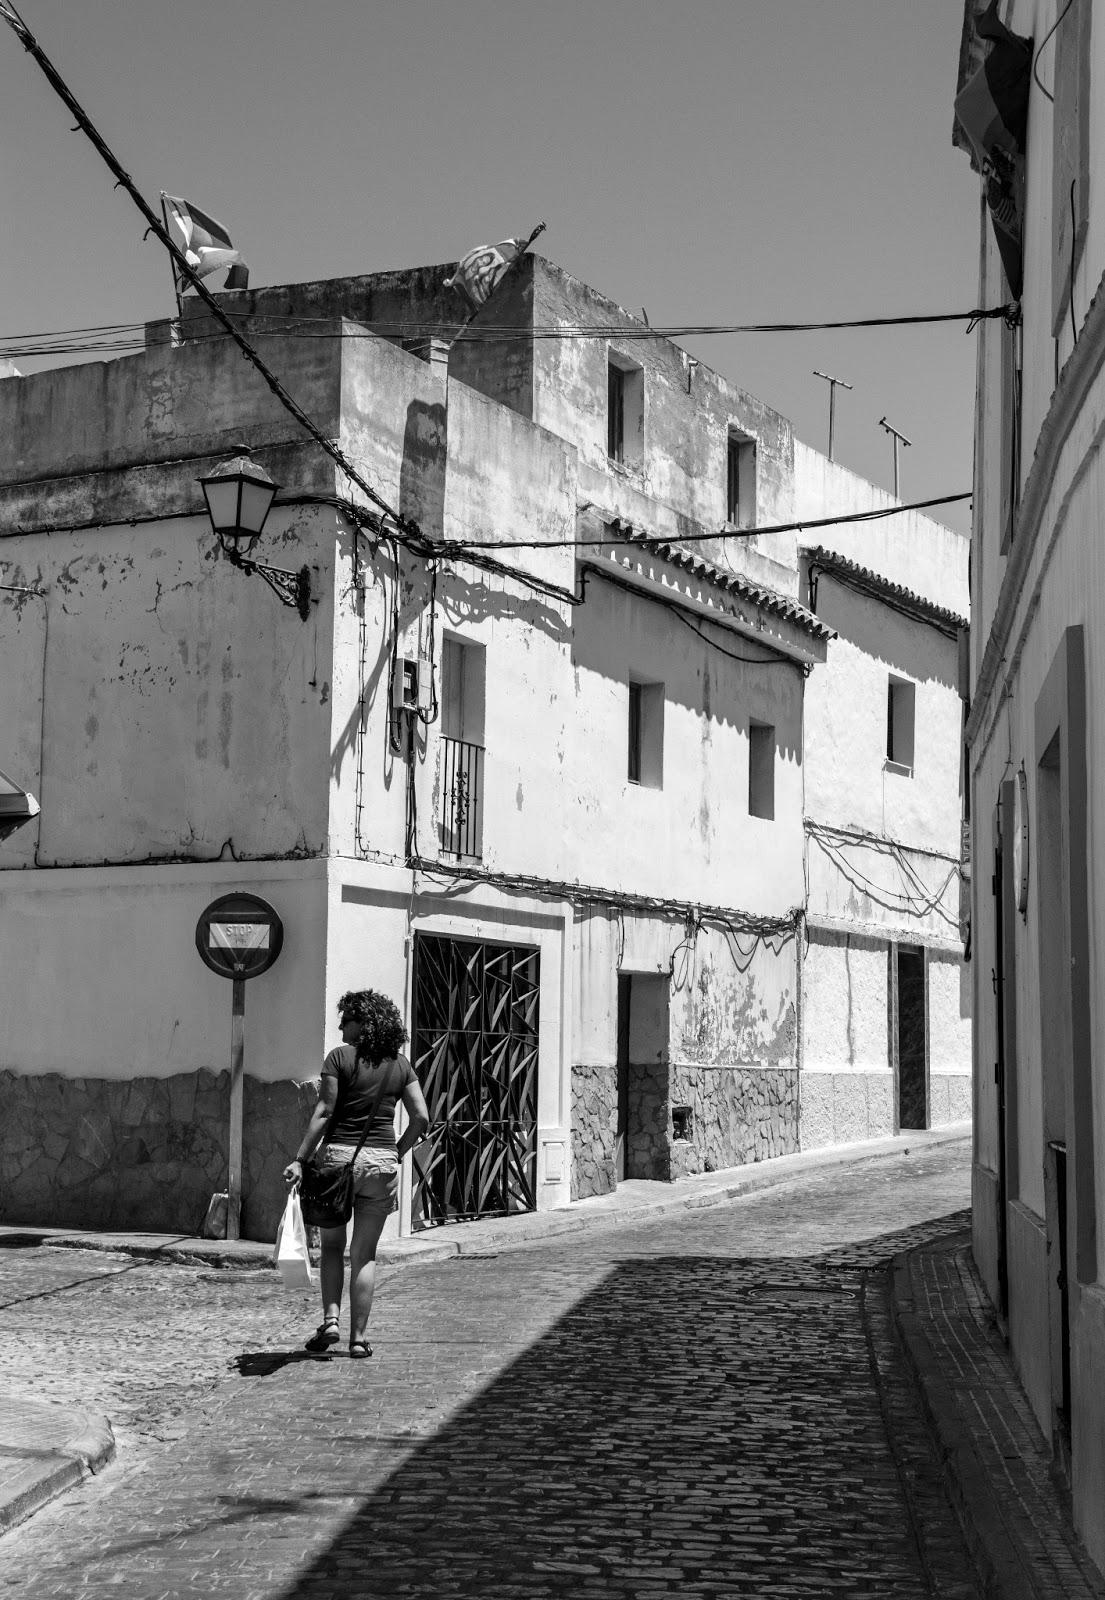 Calle Tarifa, Cádiz